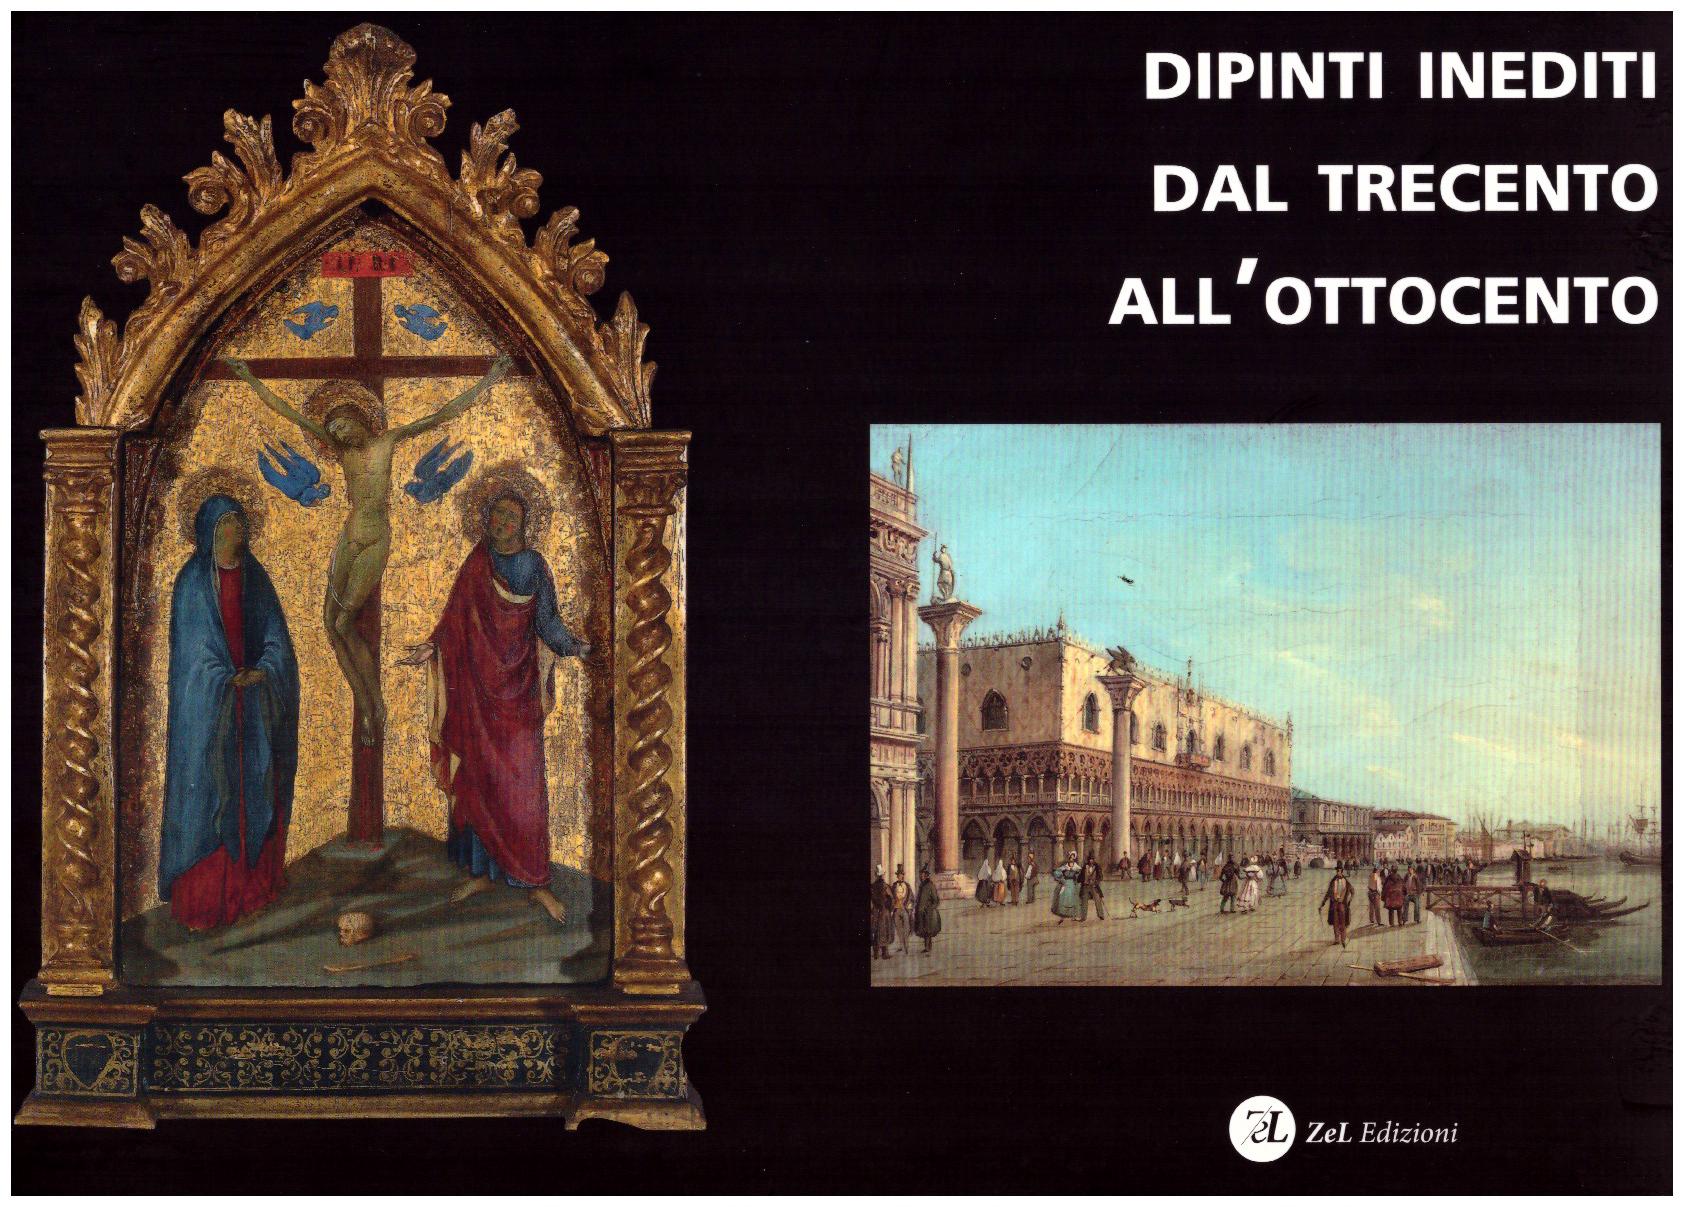 """""""Dipinti inediti dal trecento all' ottocento-Venezia""""  Art Catalogue, Zel Edizioni , Treviso,2015"""